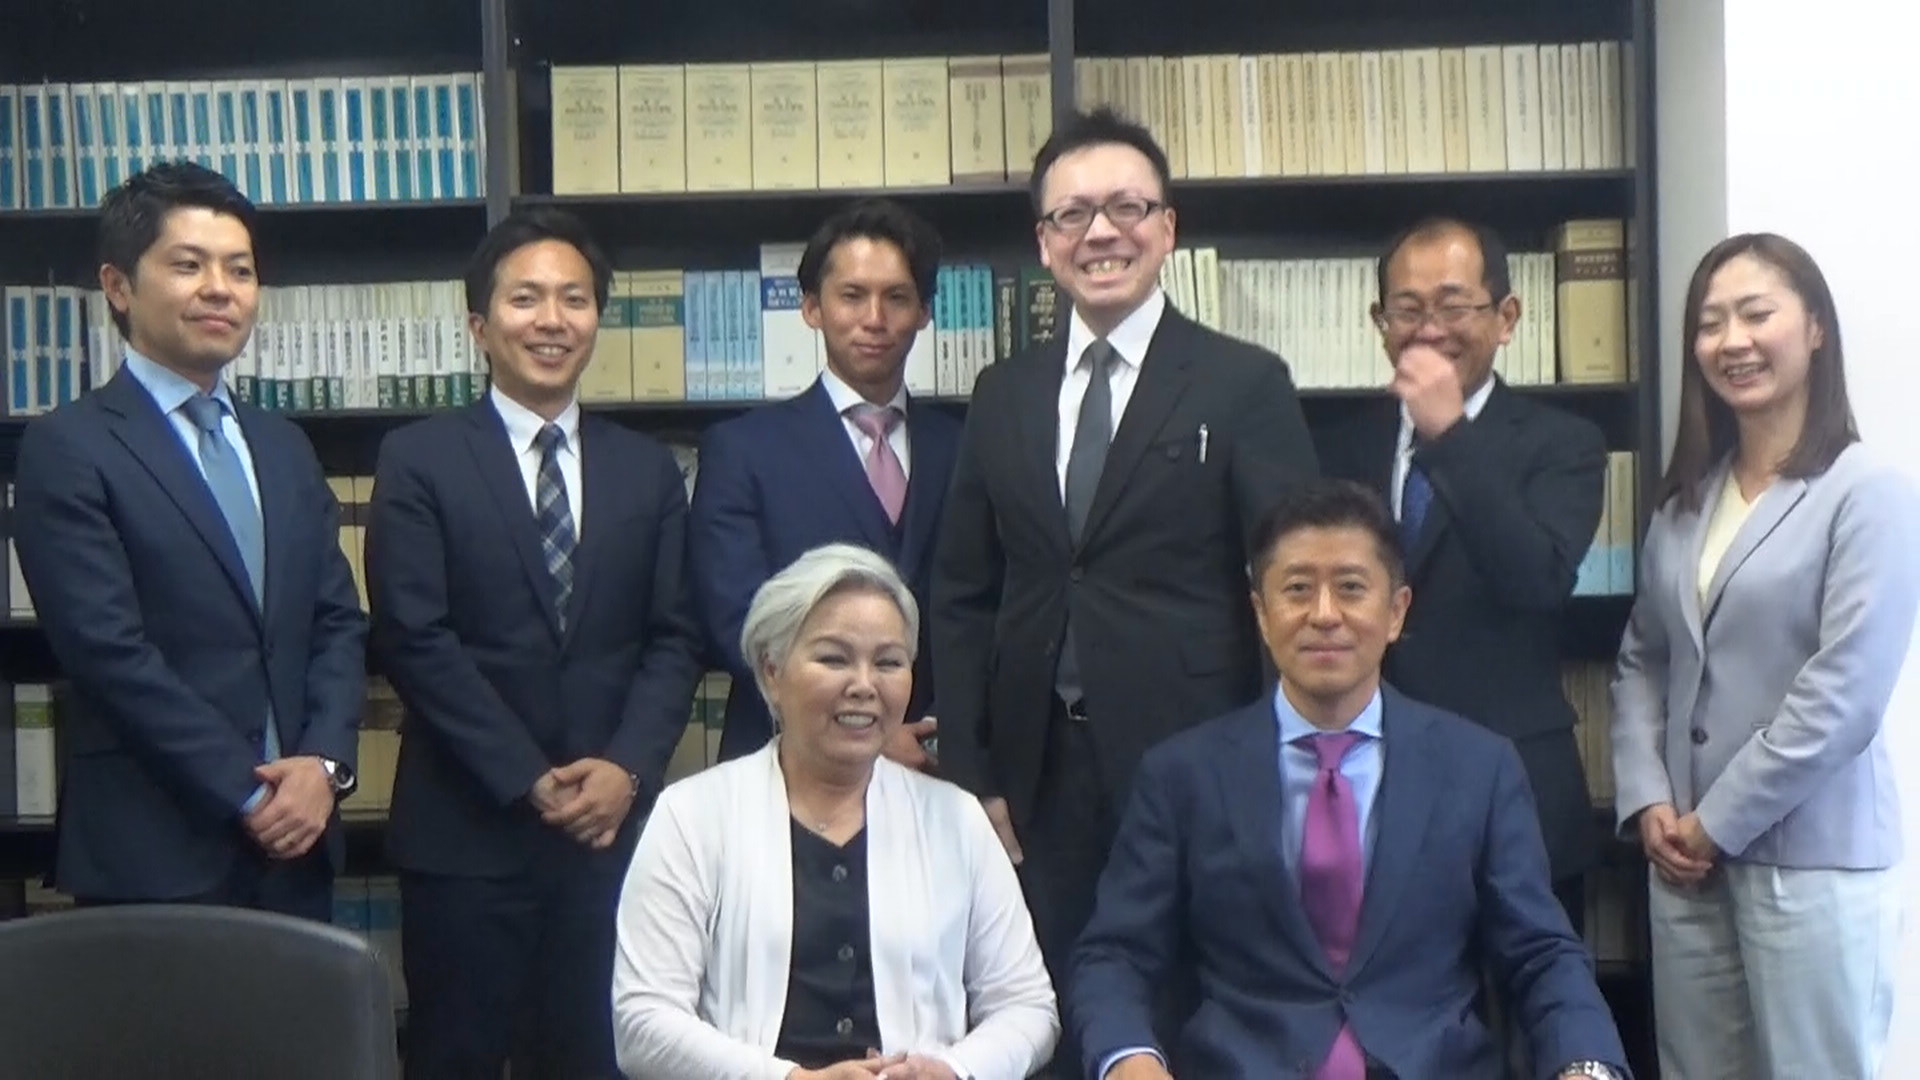 小嶋総合法律事務所にご挨拶アイキャッチ画像